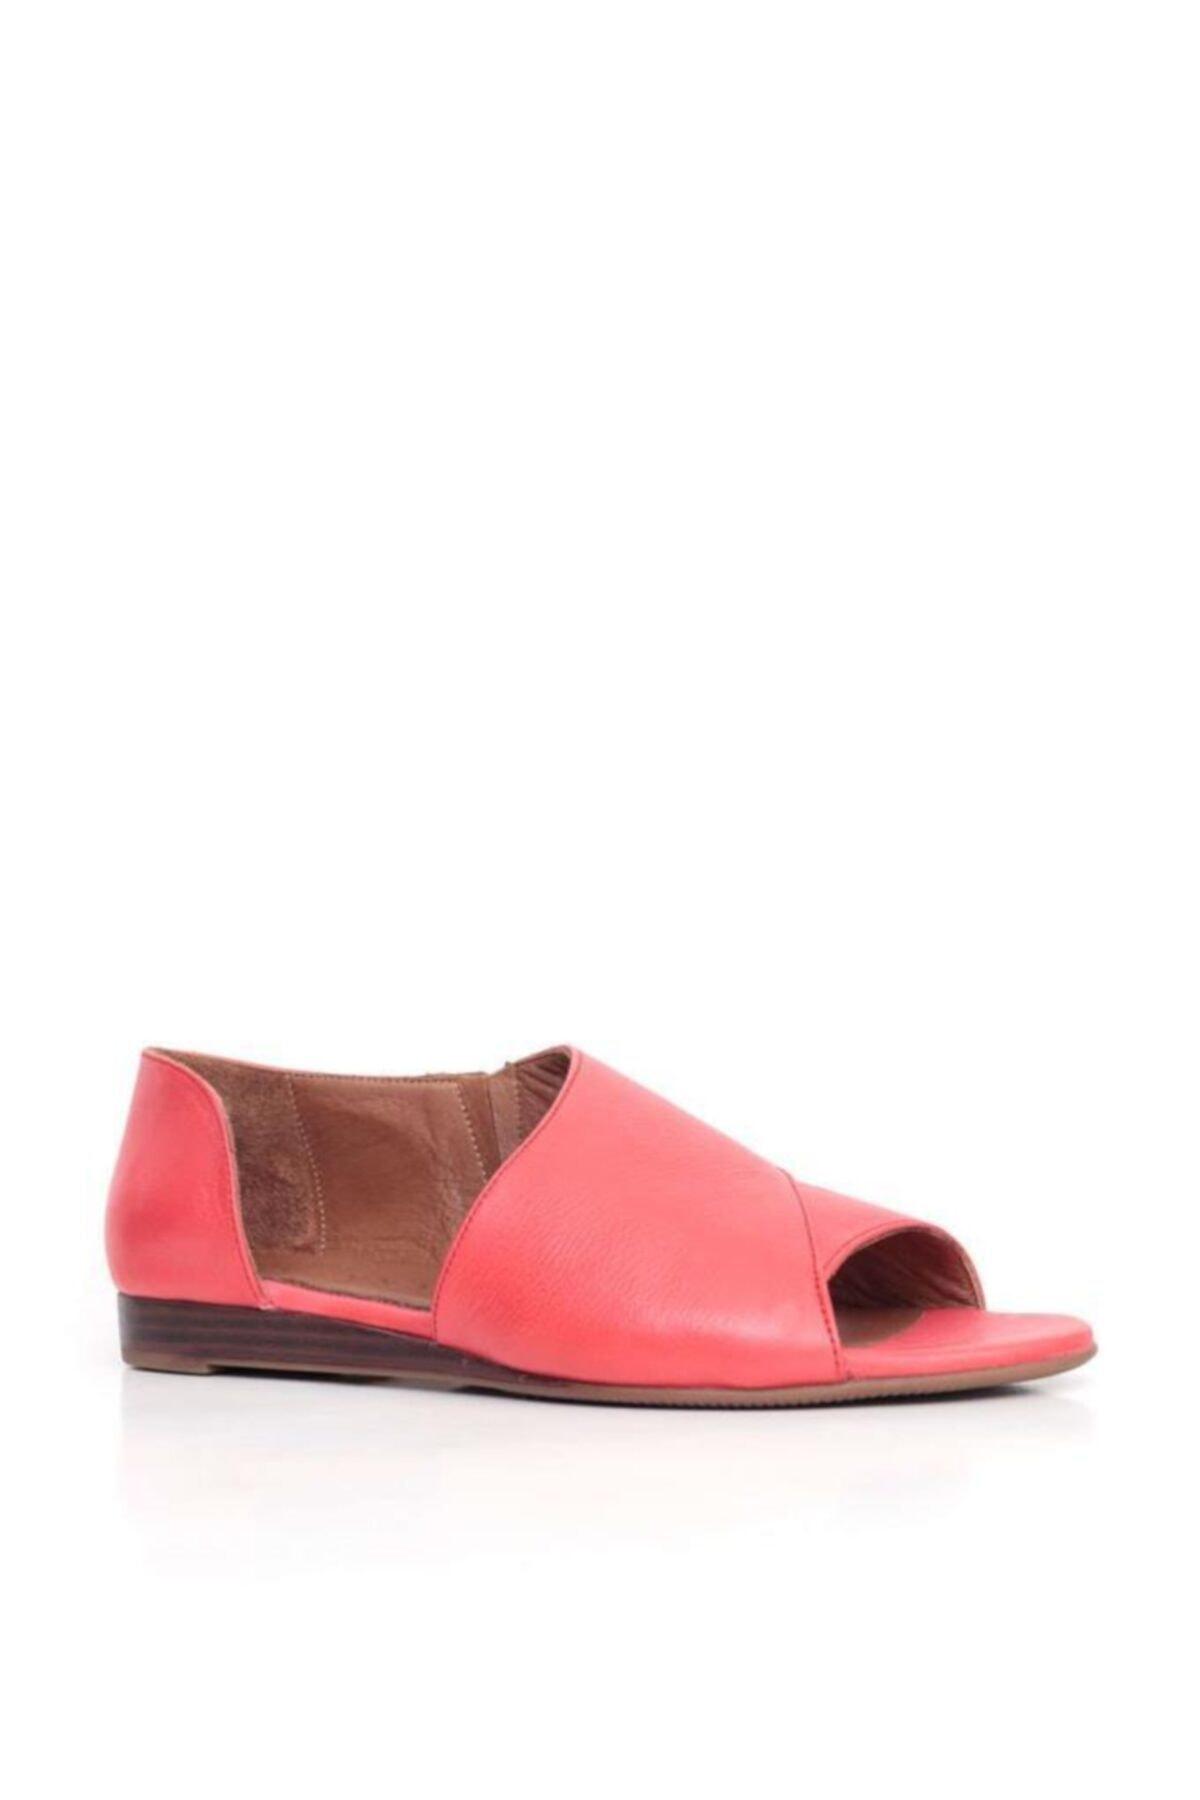 BUENO Shoes Yanı Ve Burundan Açık Hakiki Deri Kadın Babet 9n1902 2